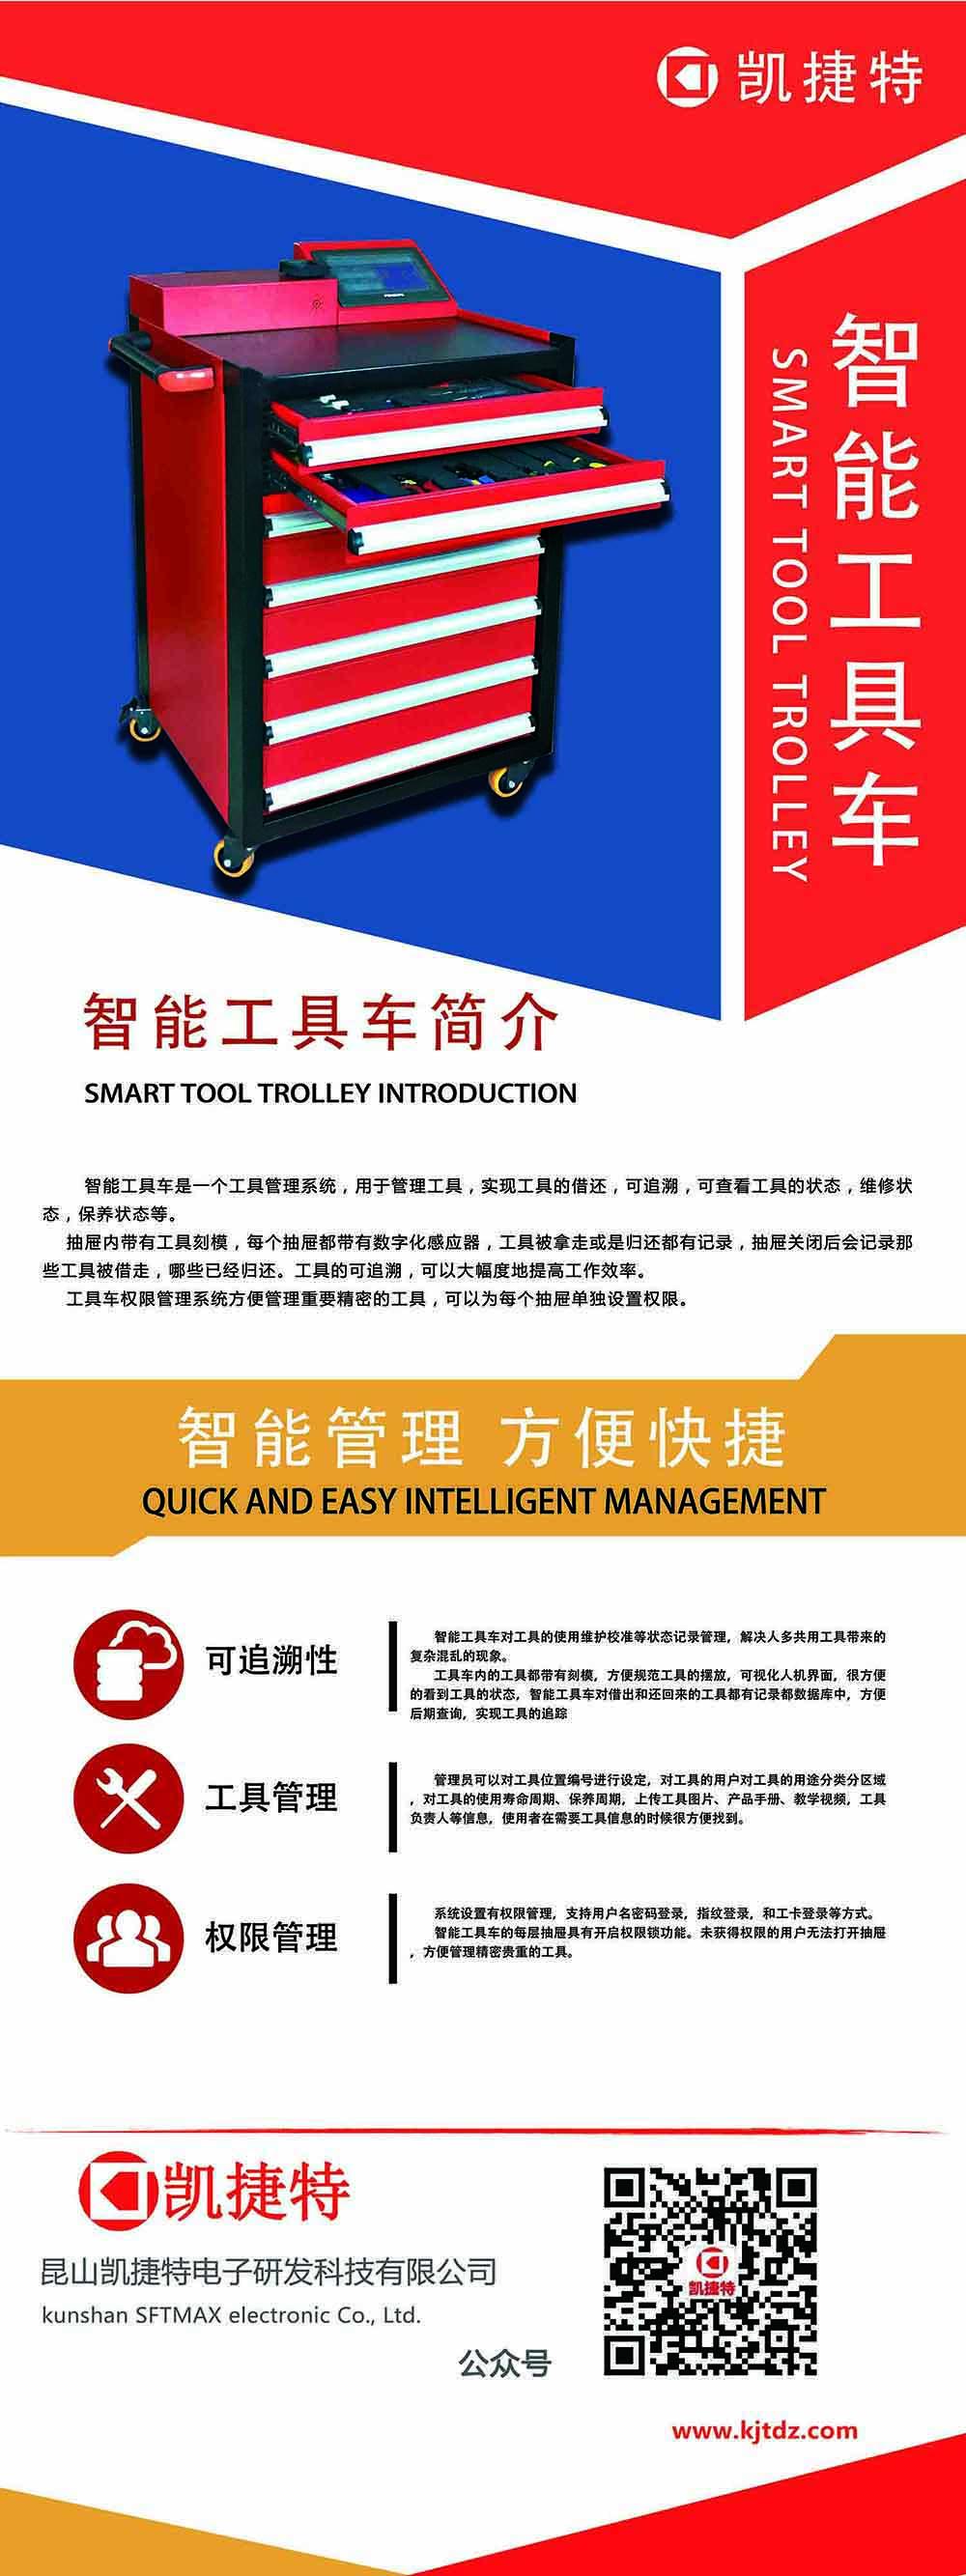 RFID智能工具柜,RFID智能工具箱